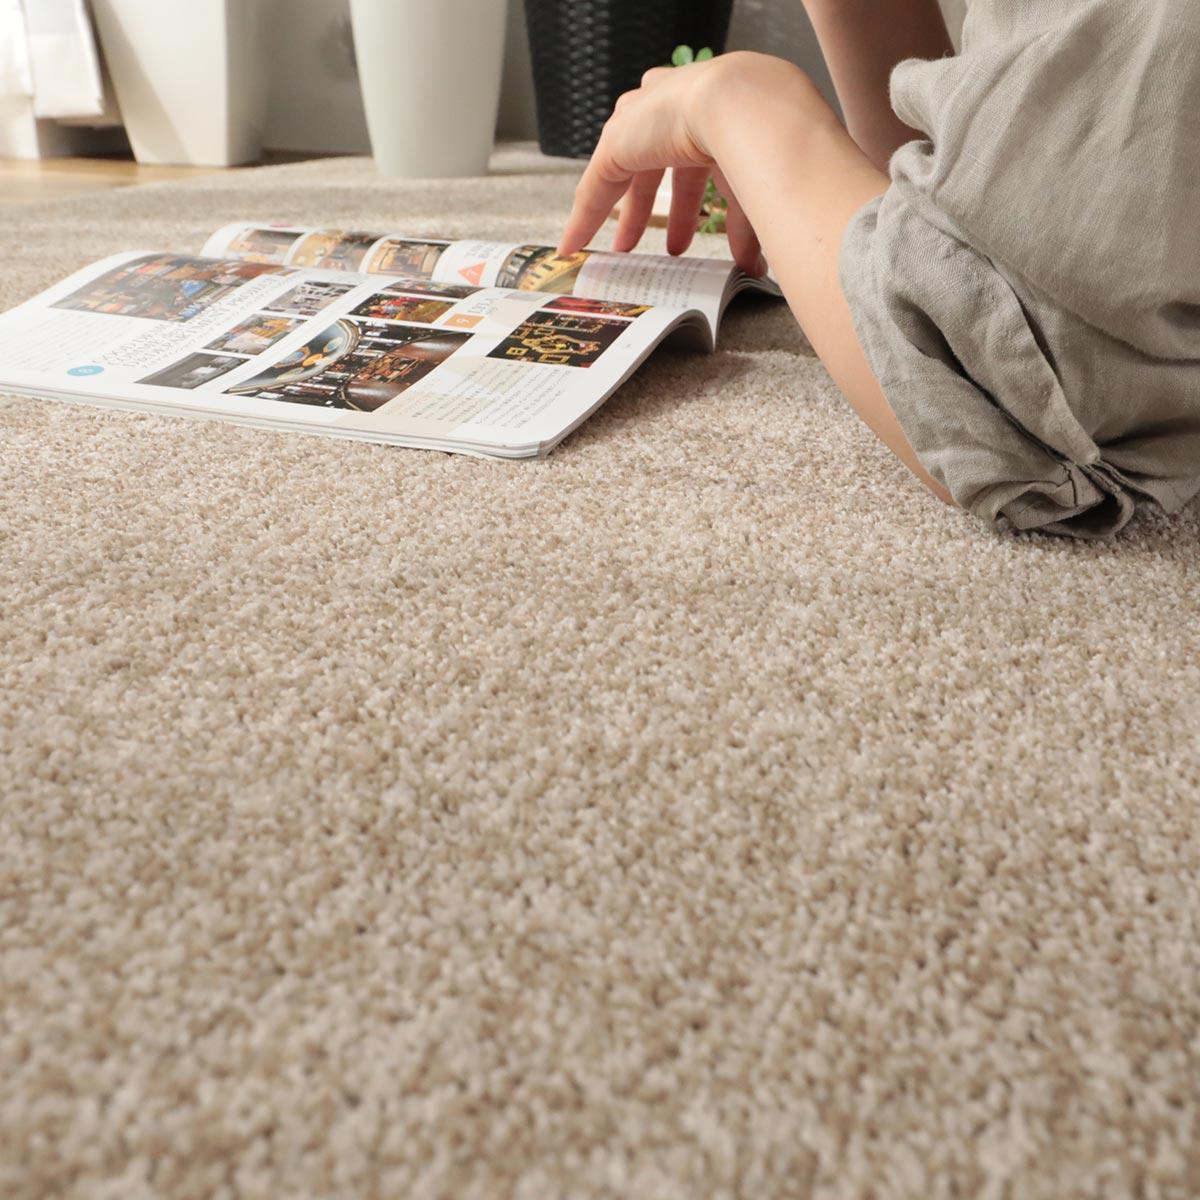 消臭・防ダニ・制菌防臭機能付ききカーペット『リデン』写真1